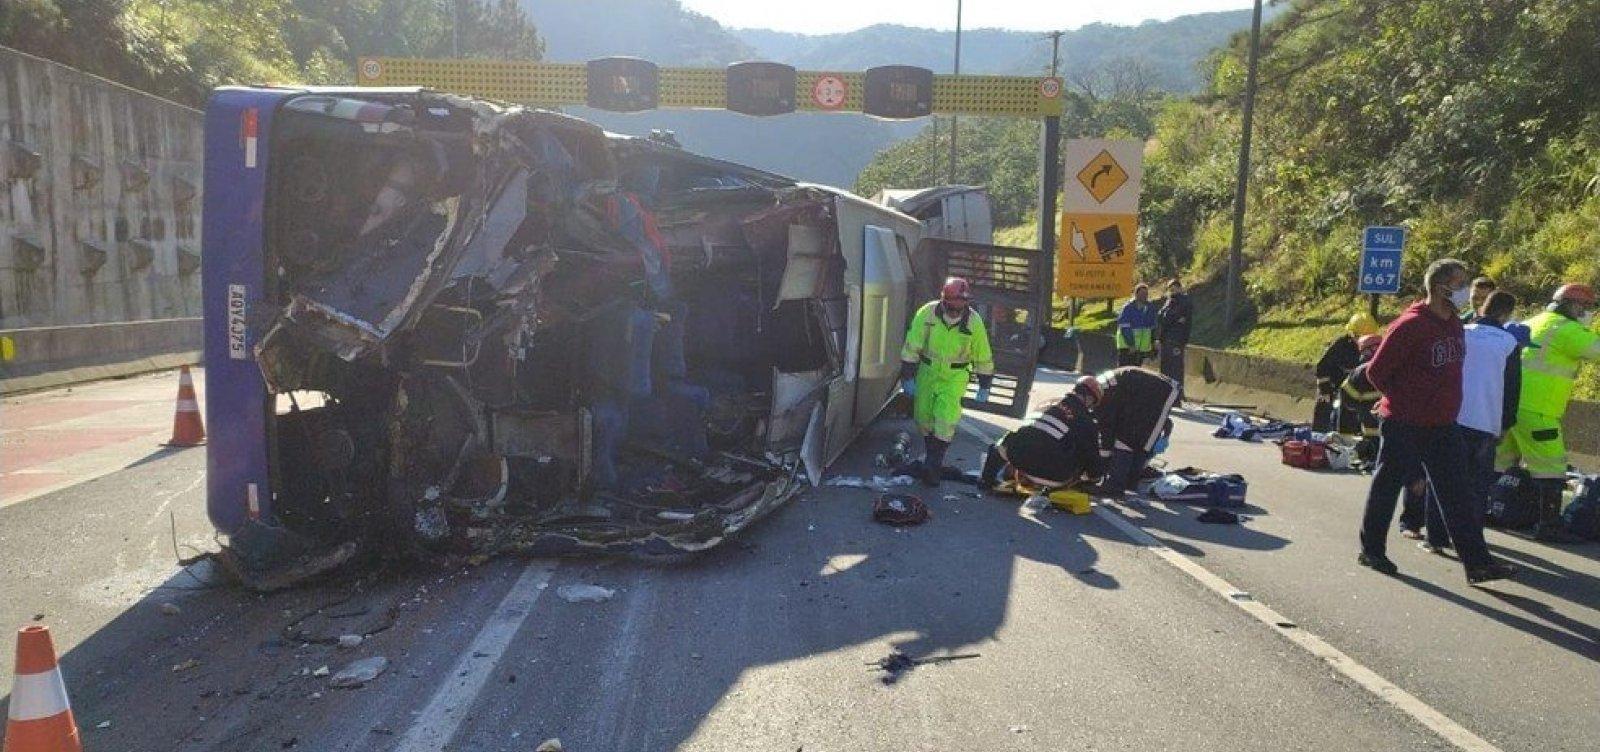 Acidente de ônibus com time de futsal deixa dois mortos e 21 feridos